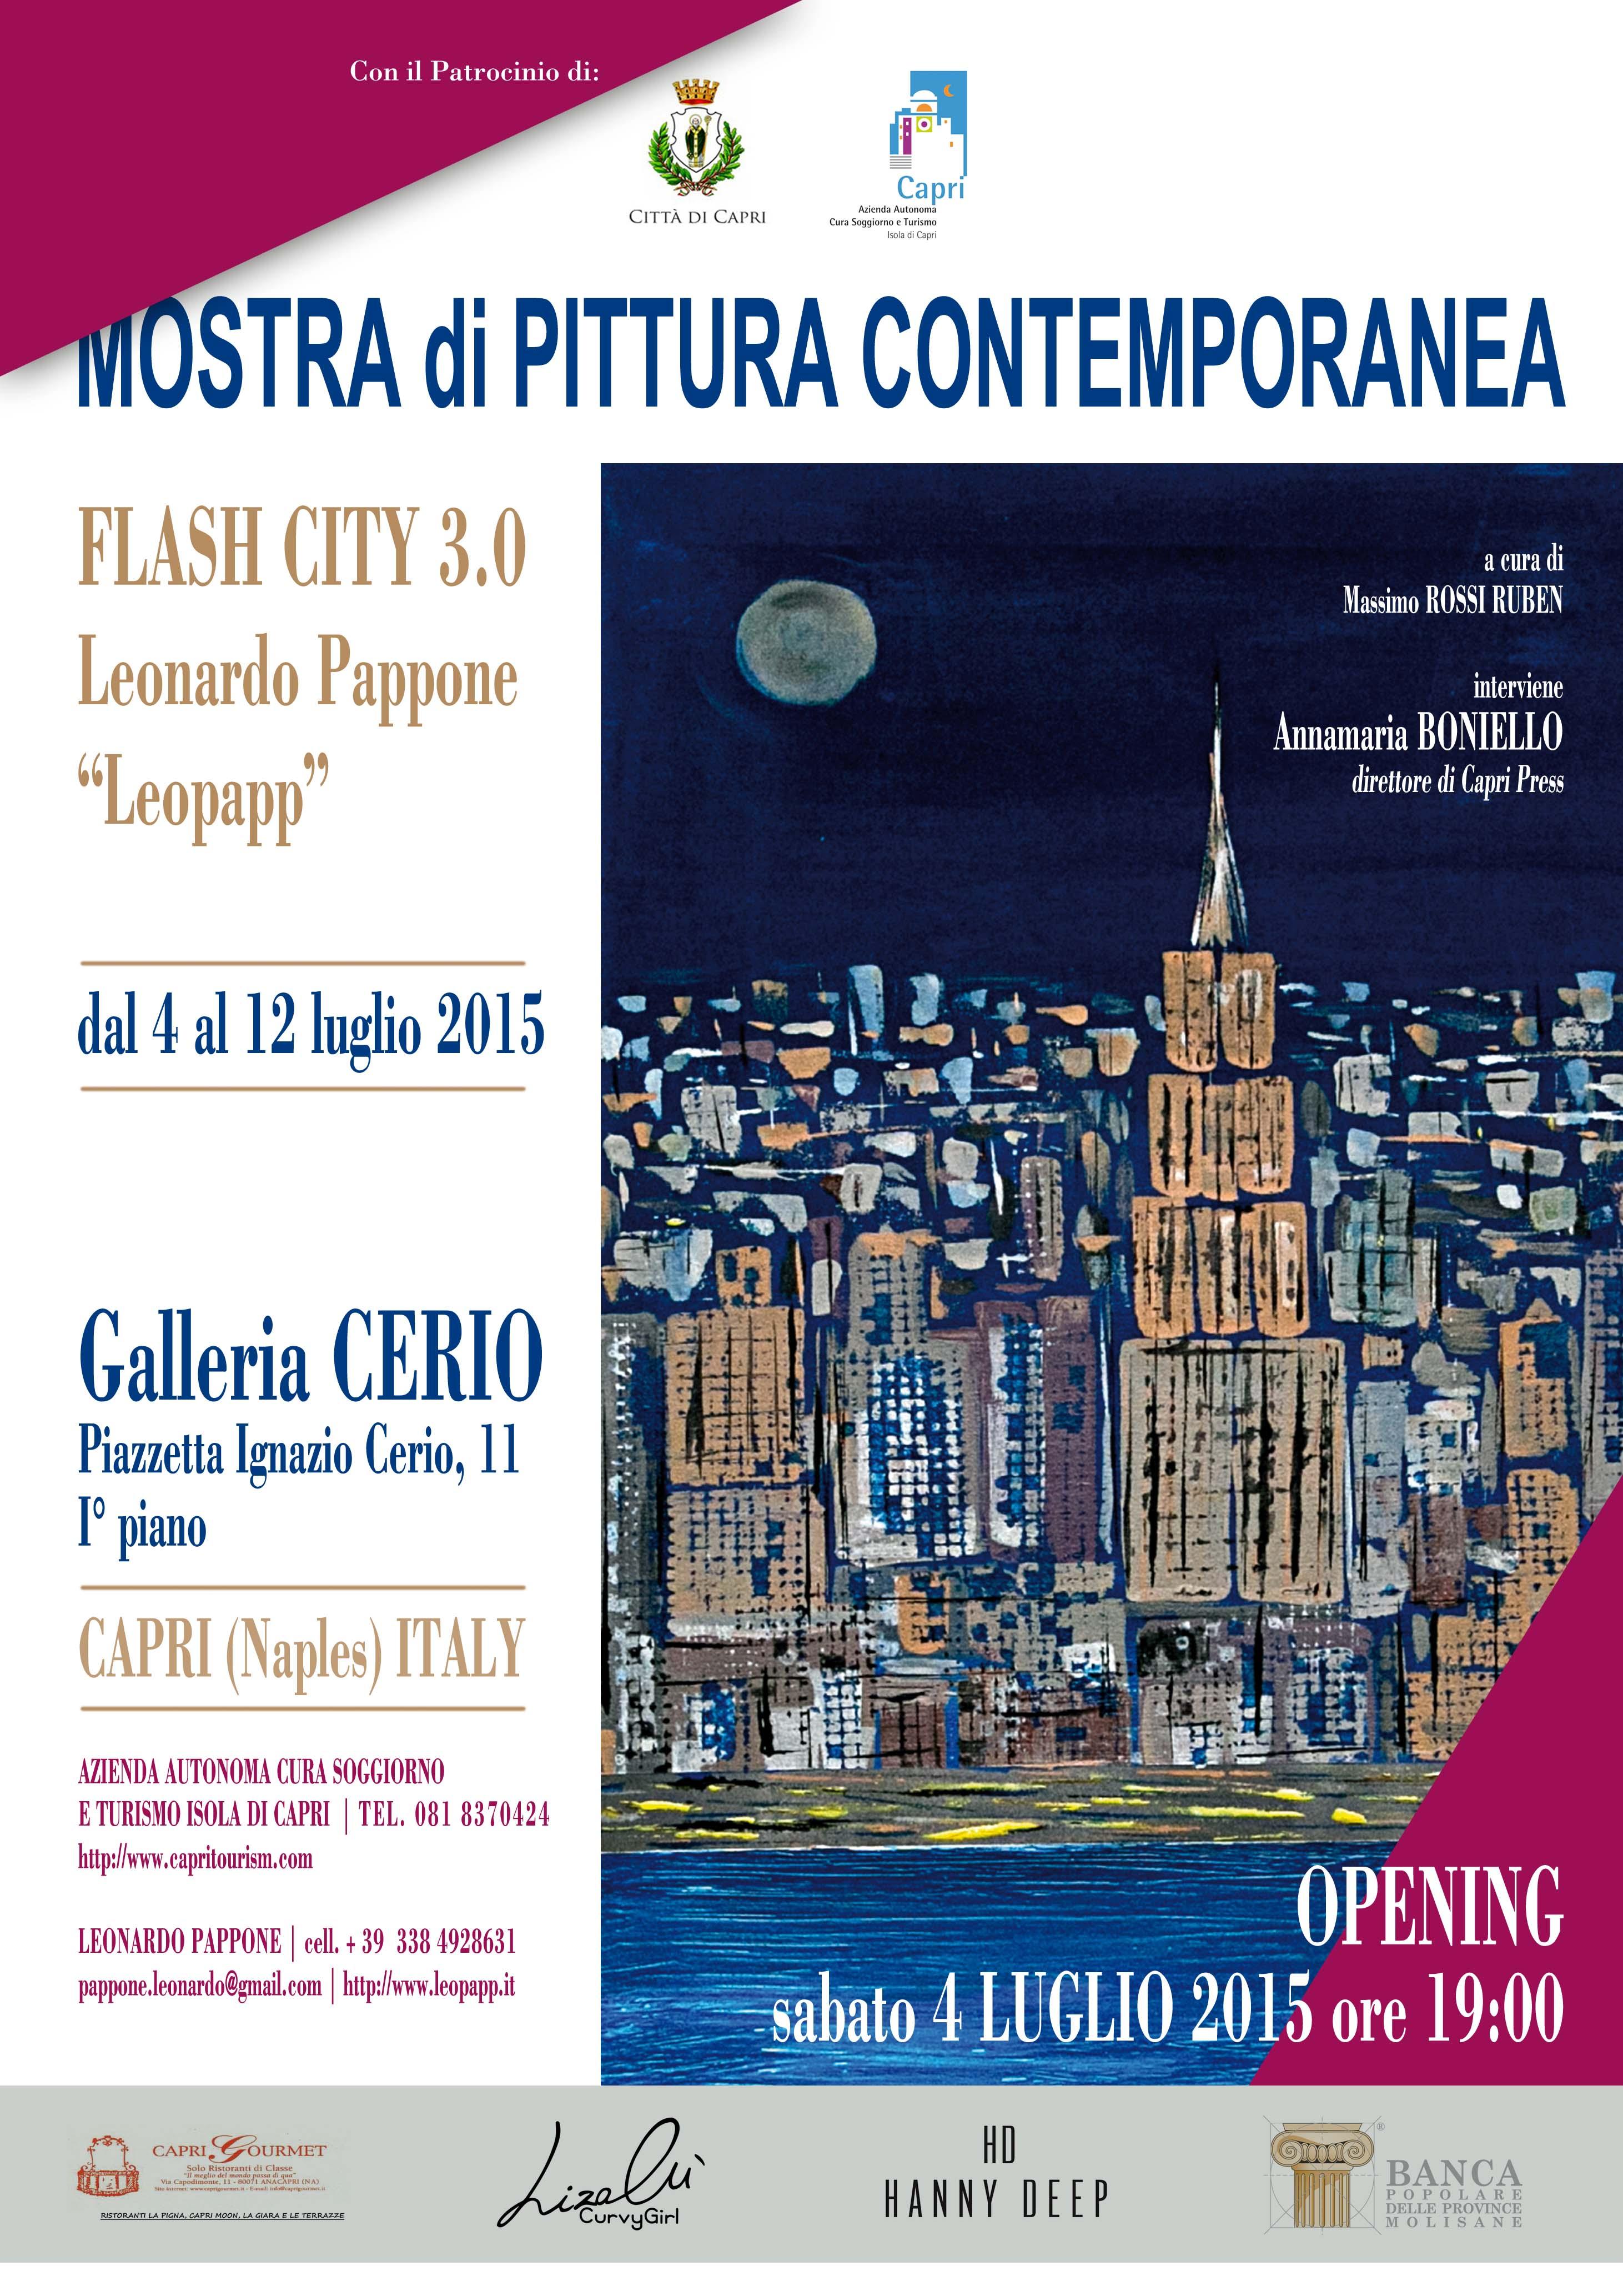 L'artista sannita Leonardo Pappone espone le sue opere a Capri